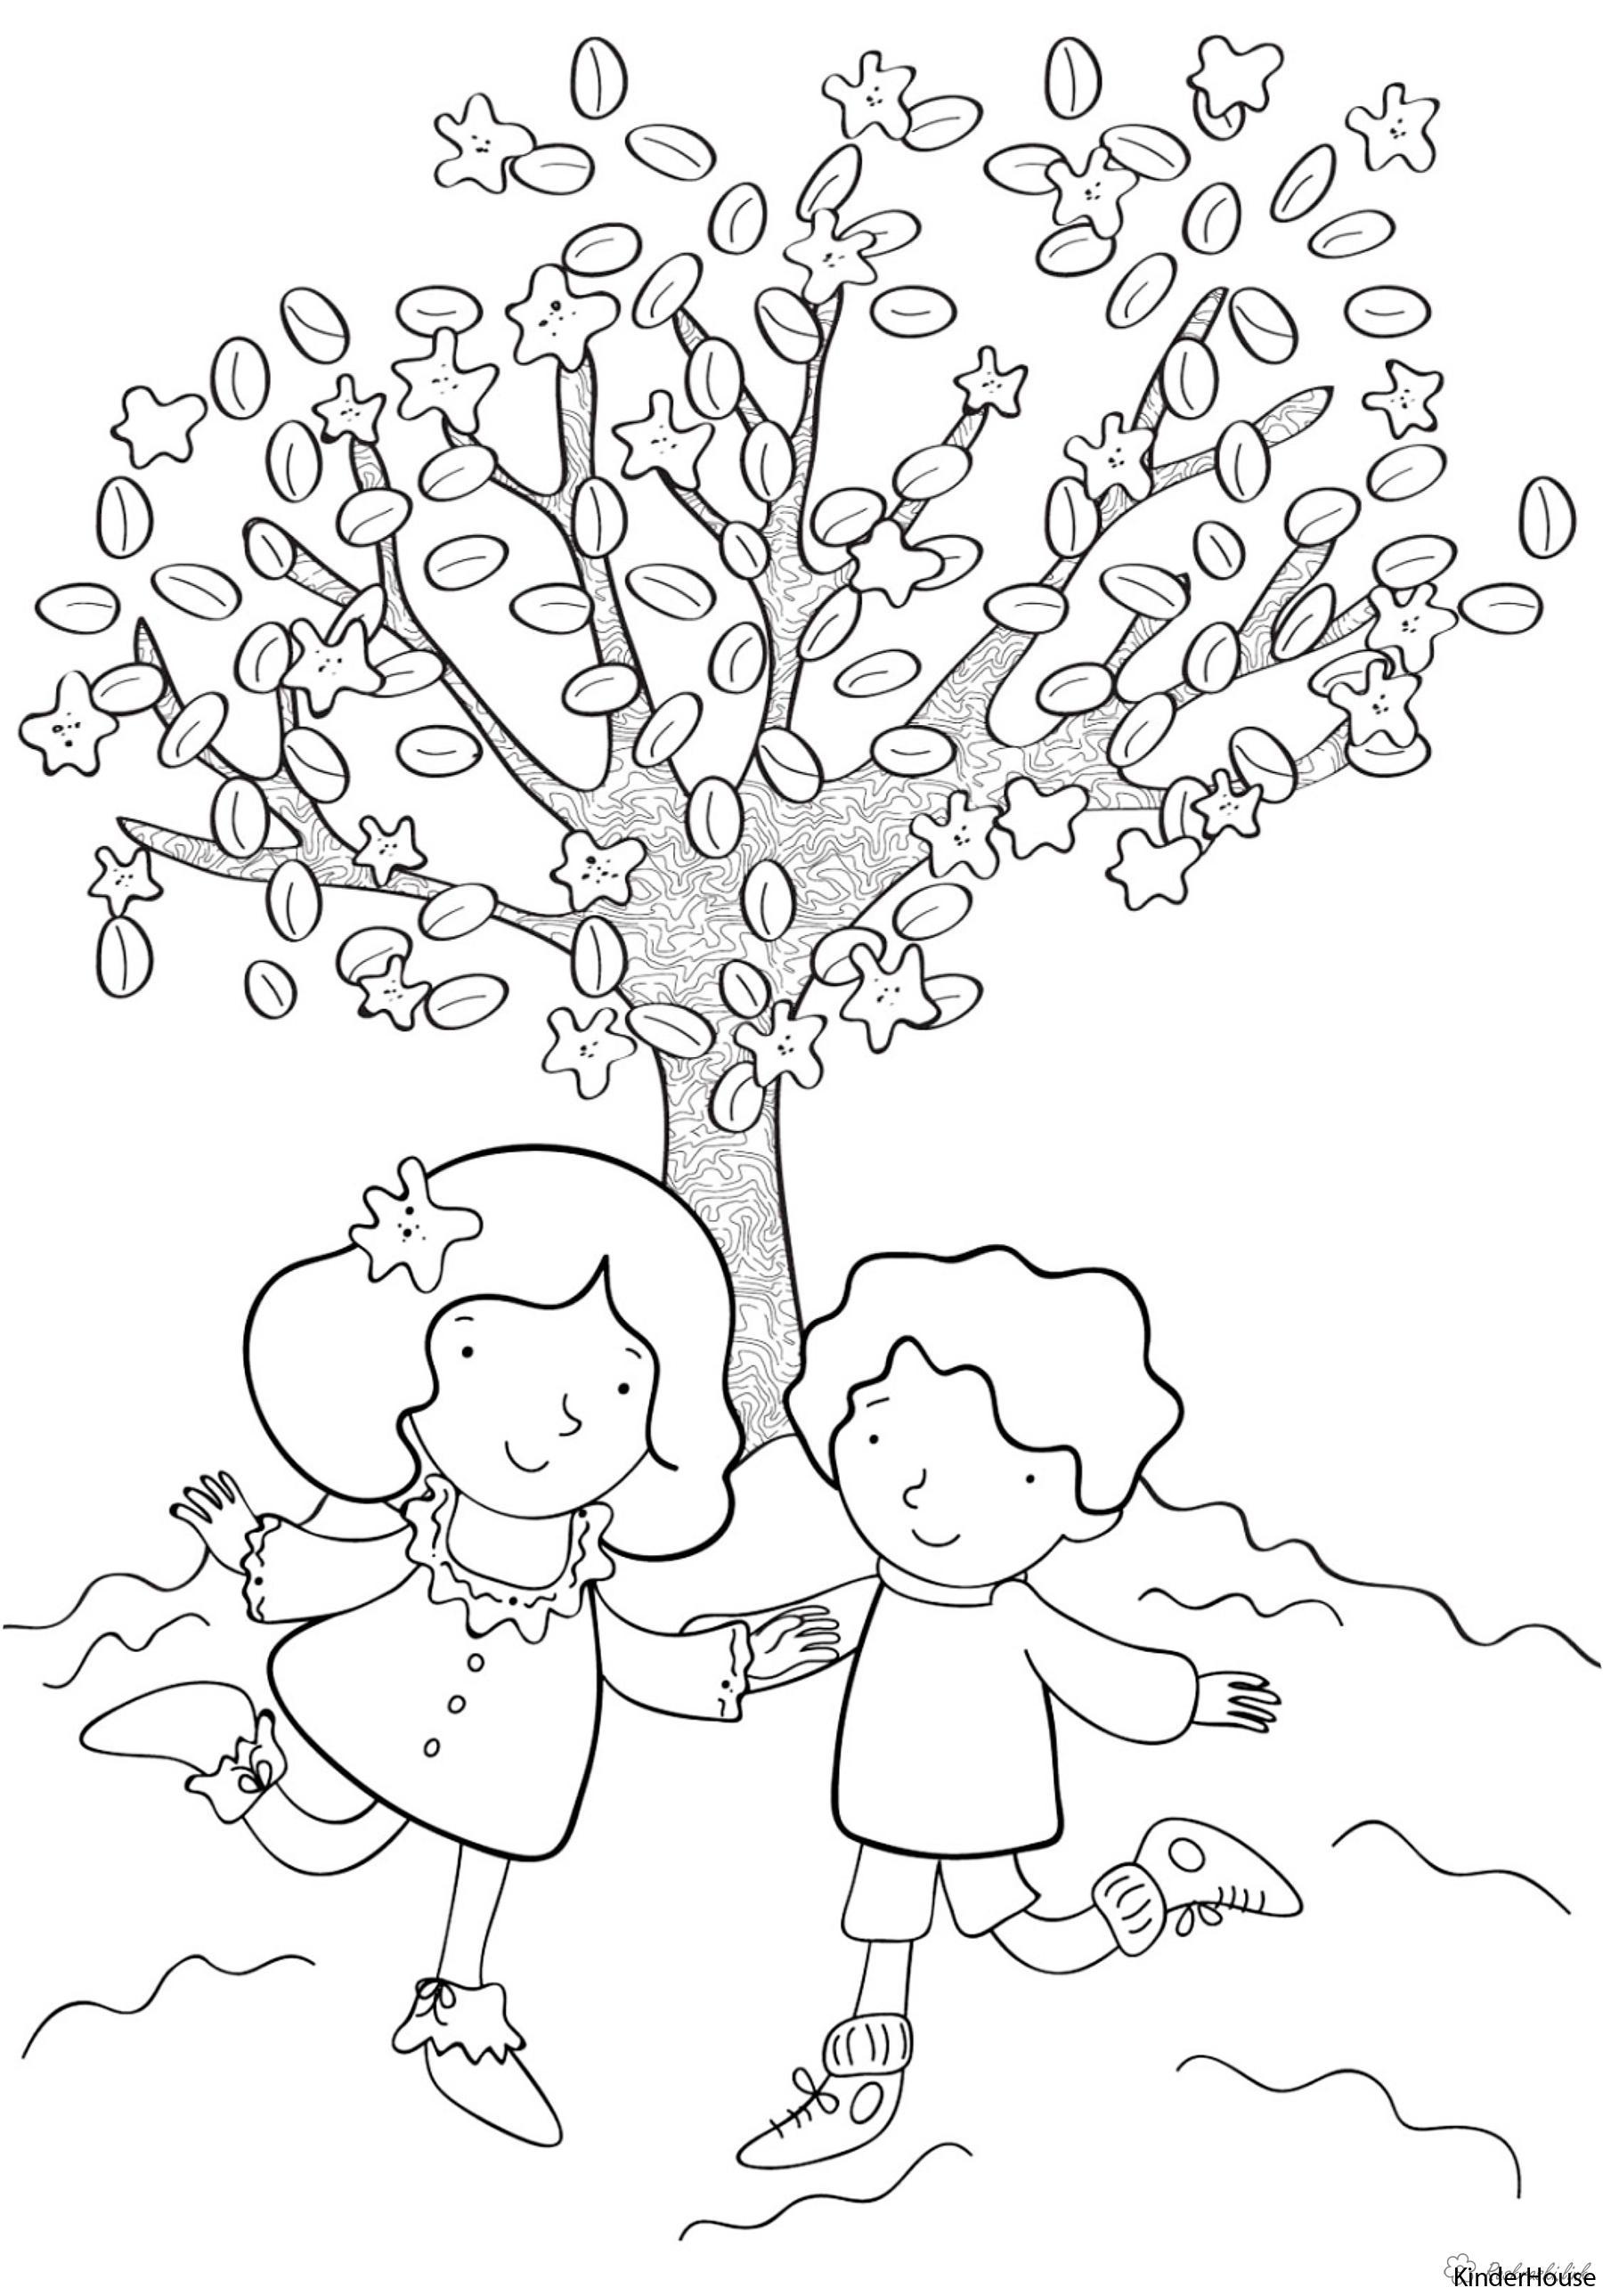 Раскраски дерево праздник 1 июня день защиты детей дети дерево гулять игра лето